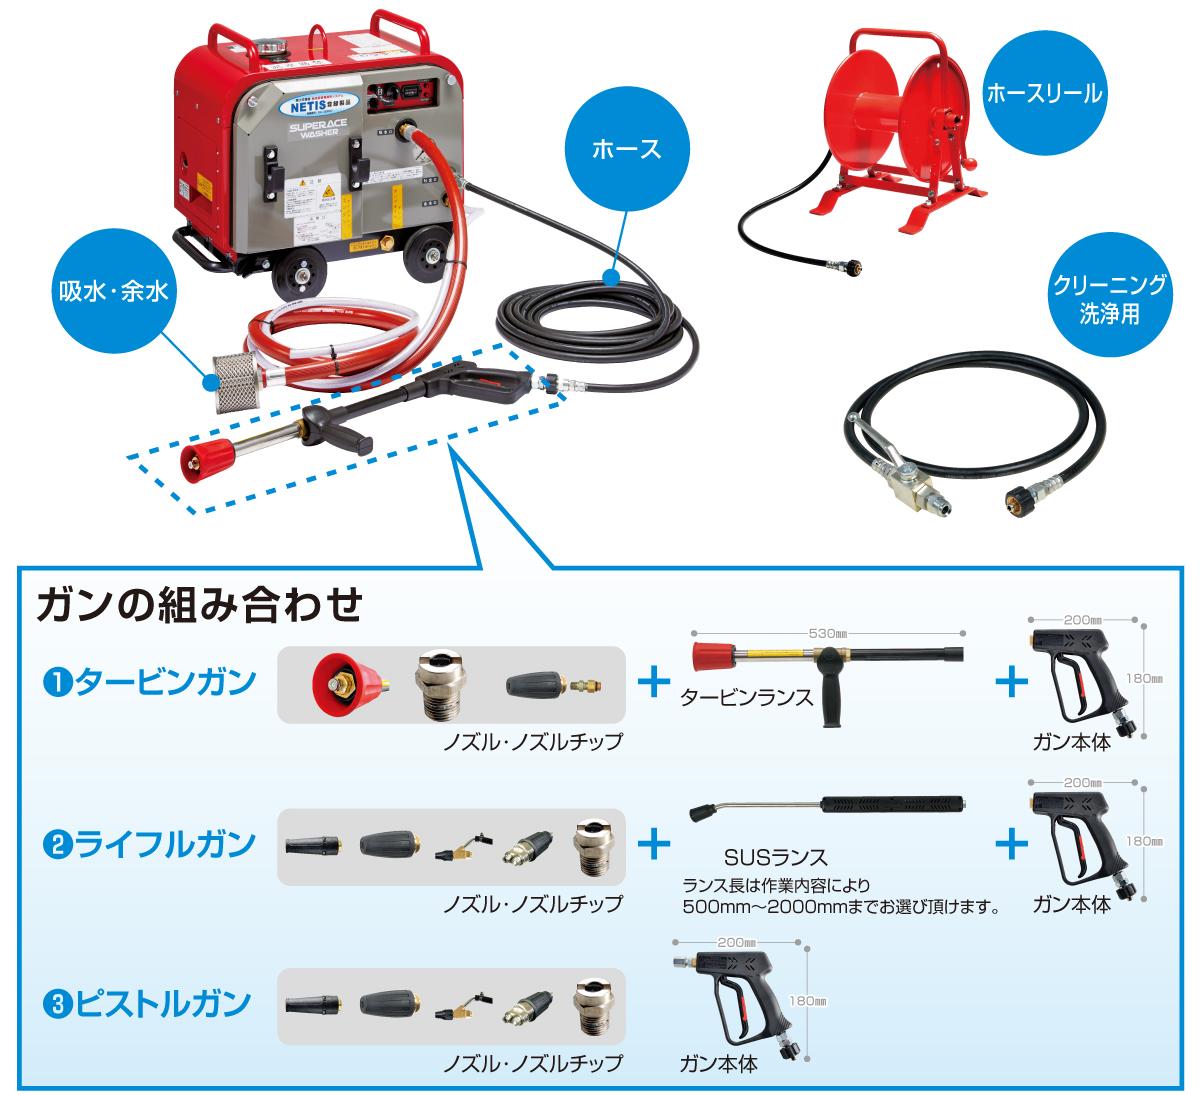 高圧洗浄機オプション